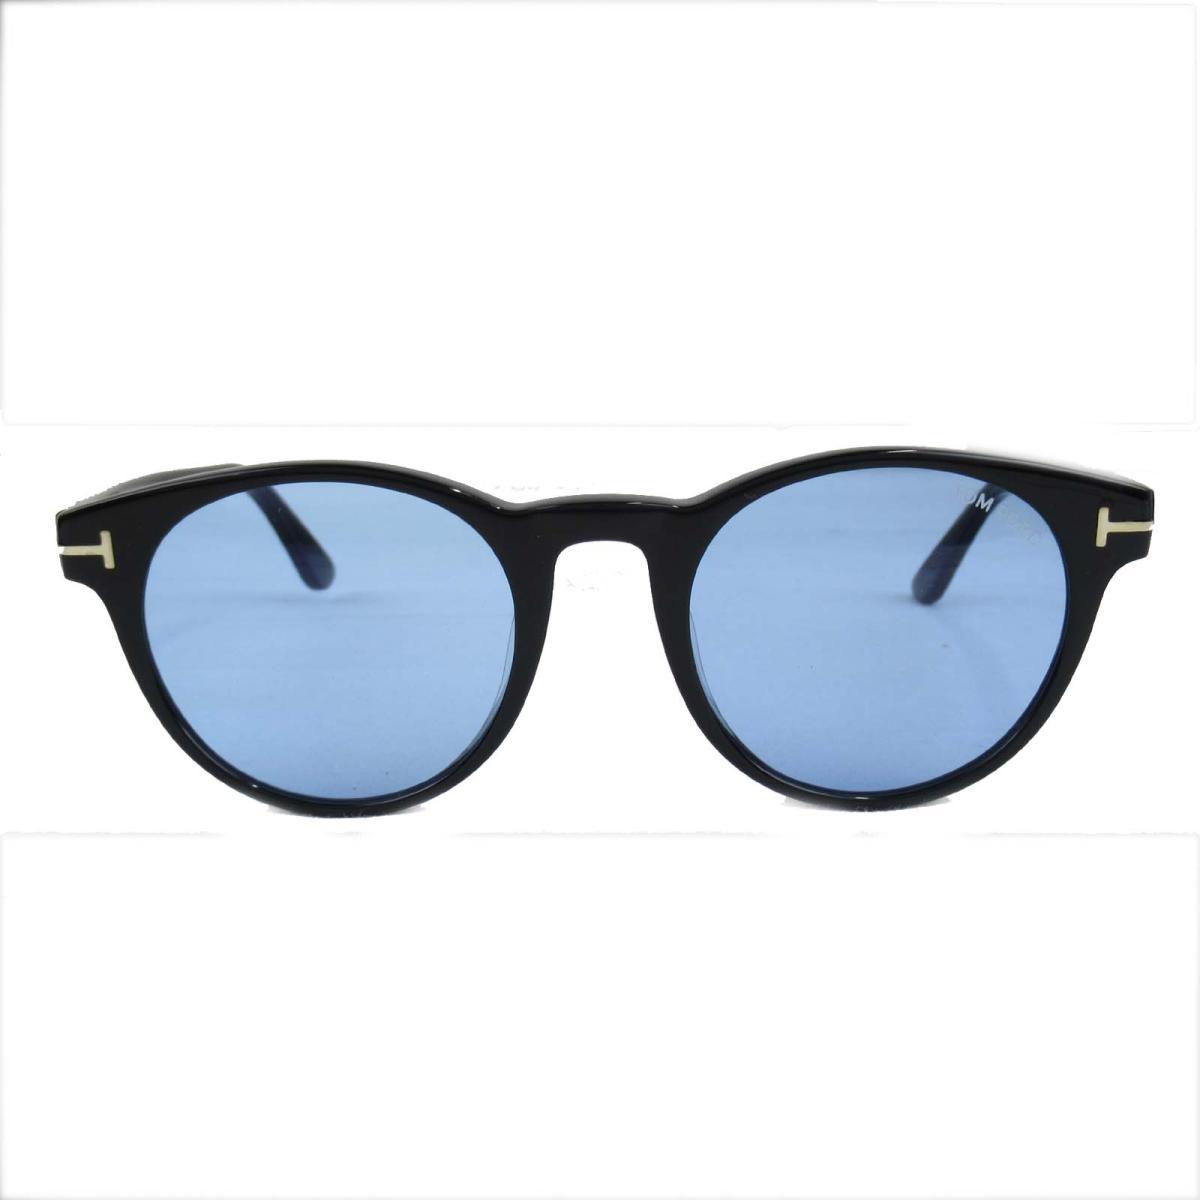 セレクション TOM FORD サングラス メンズ プラスチック ブラック x ブルー (0522F 01V)